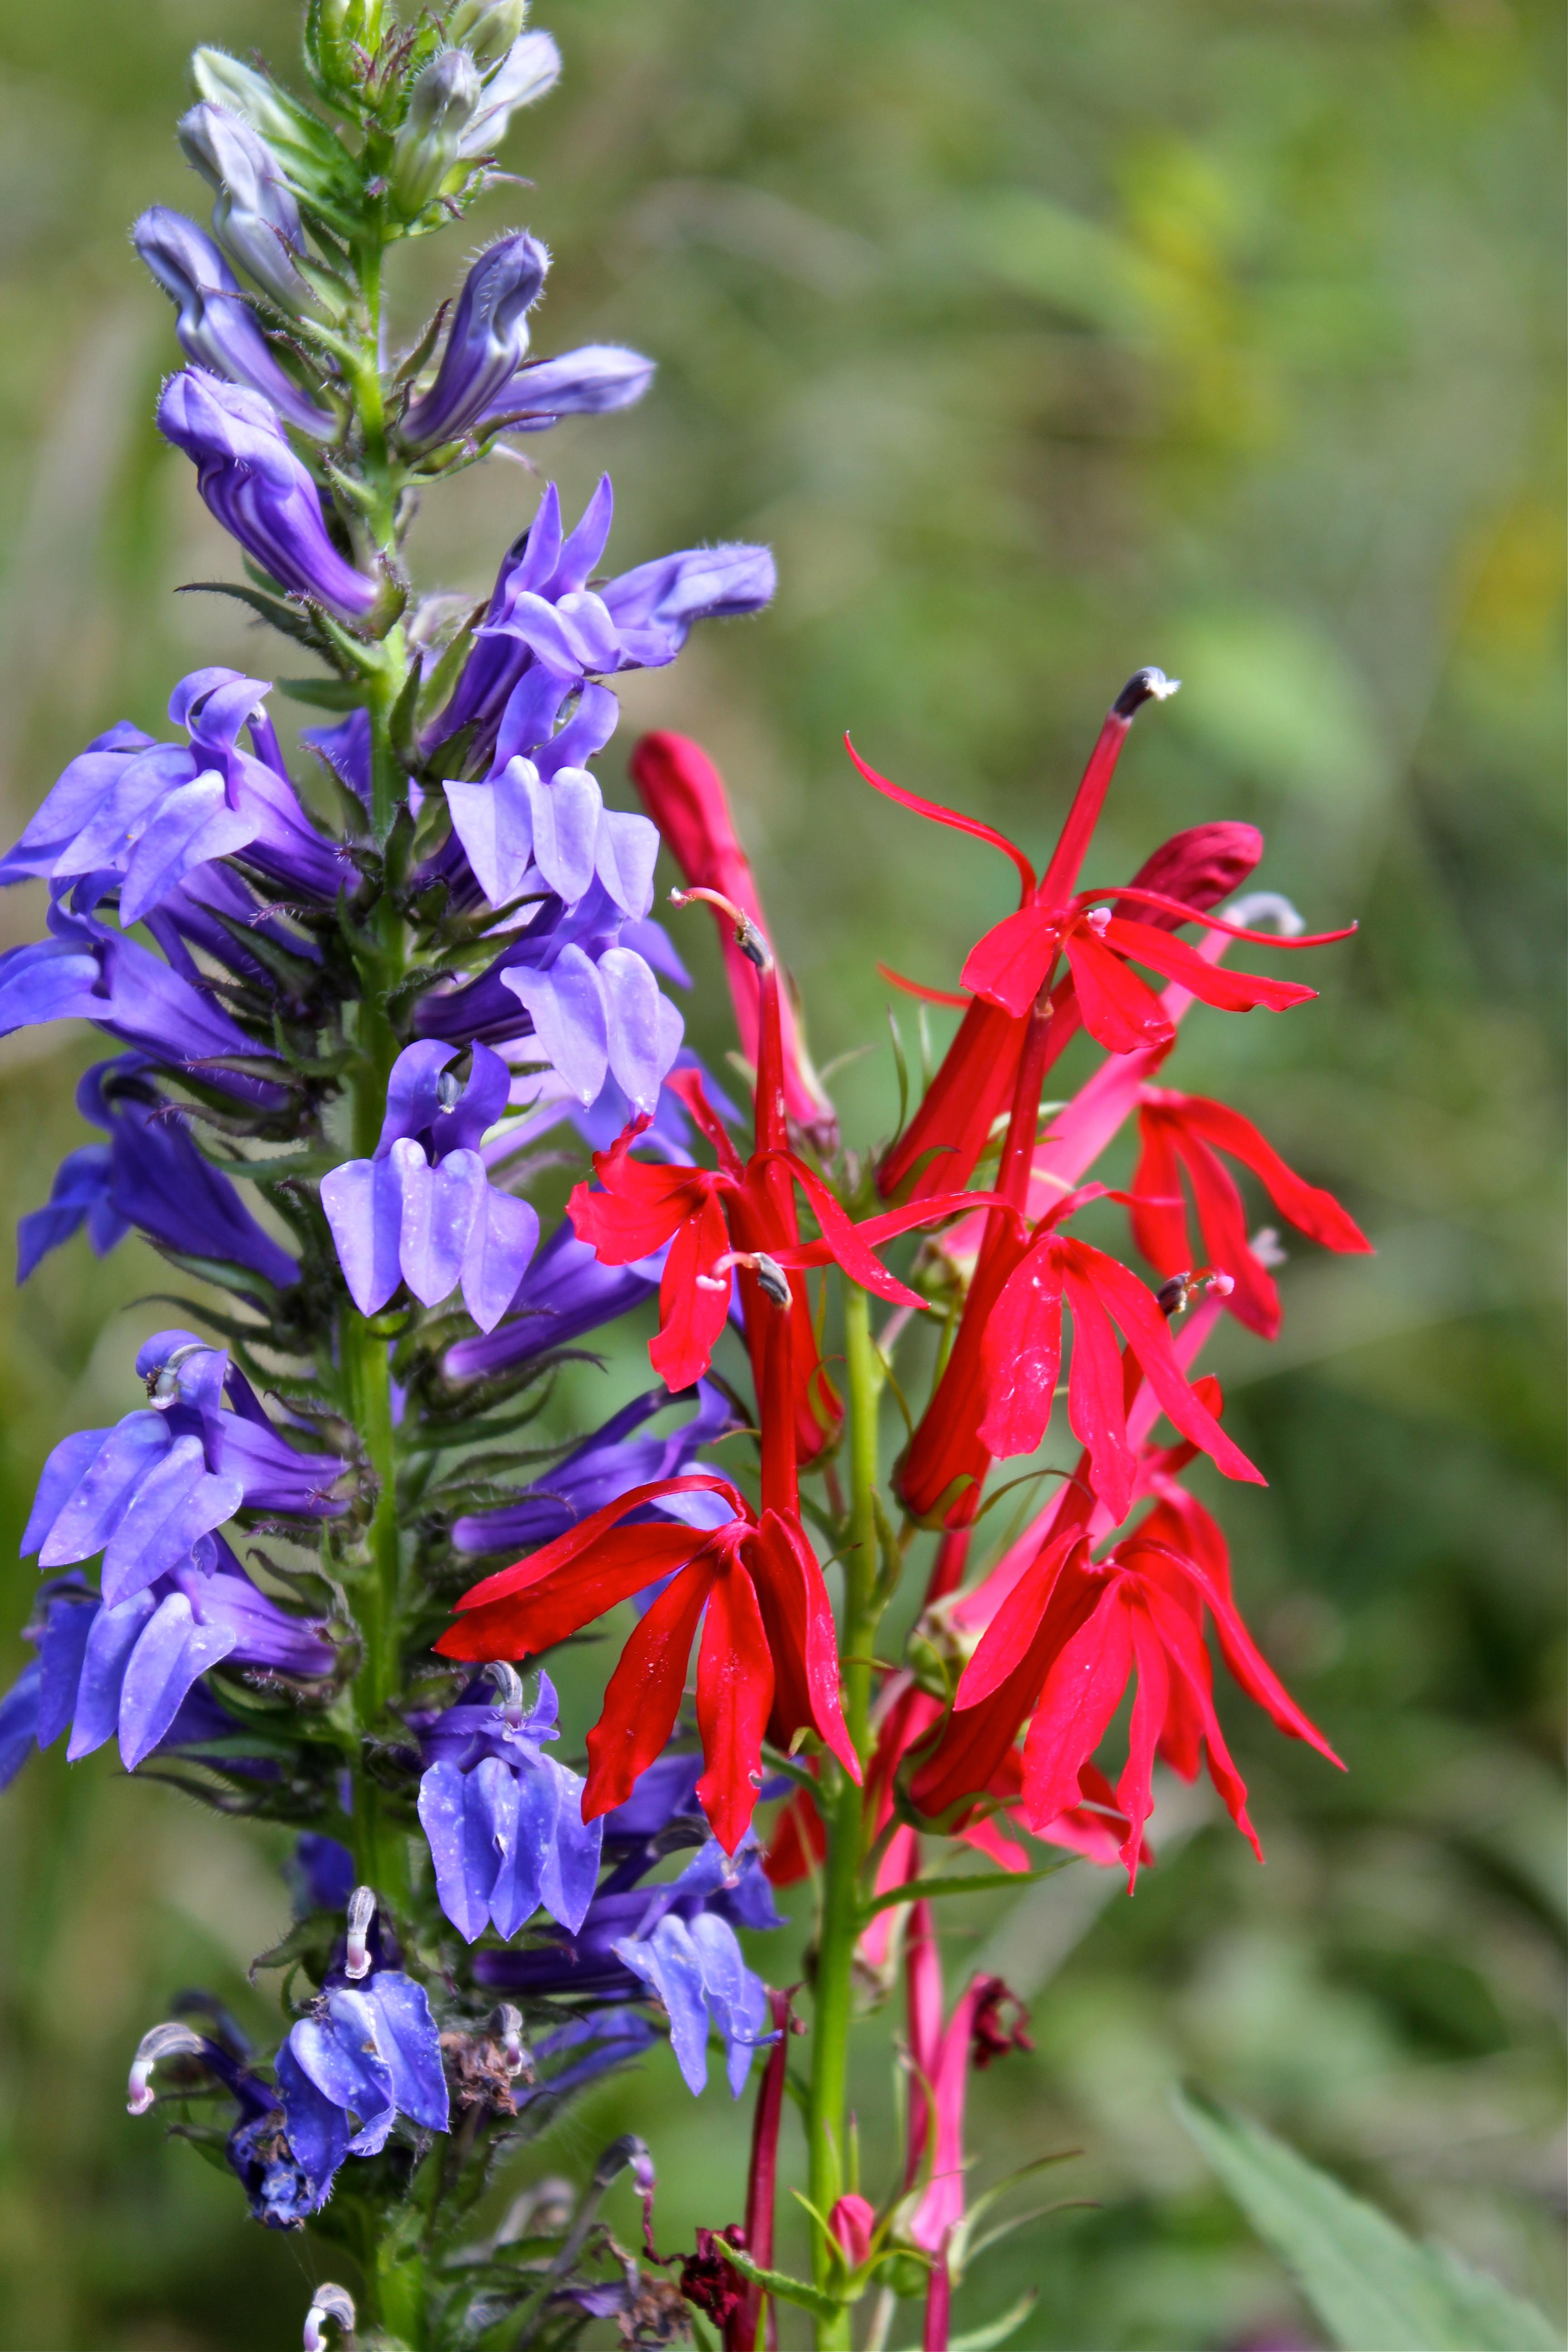 Blue Cardinal Flower Images Flower Wallpaper Hd